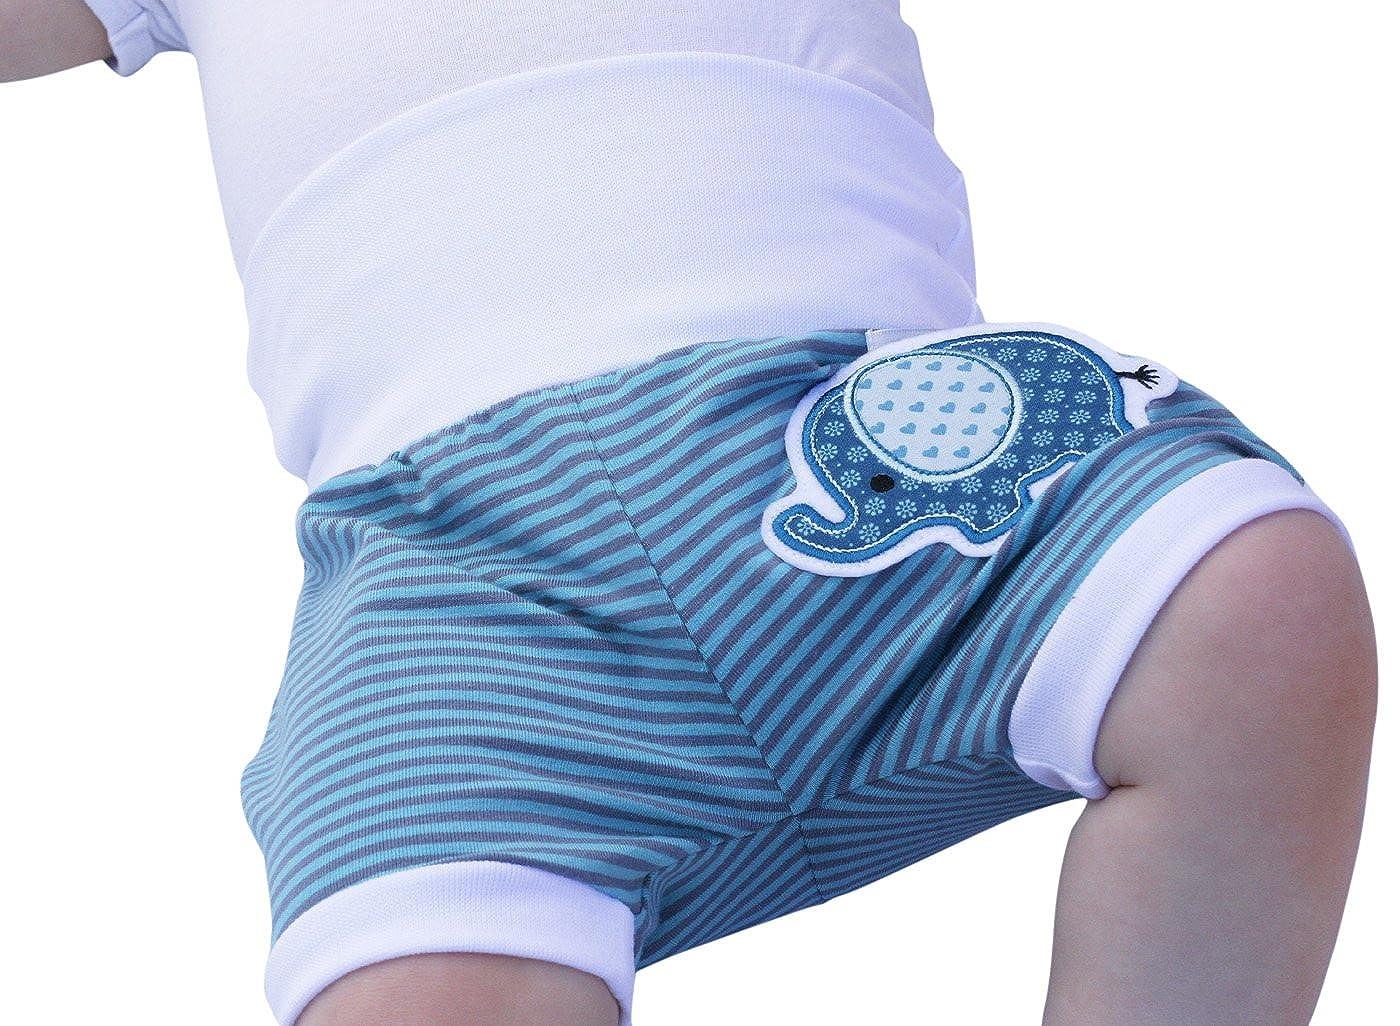 Lilakind Kurze Pumphose Shorts Buxe Sommerhose Elefanten Applikation - Made in Germany